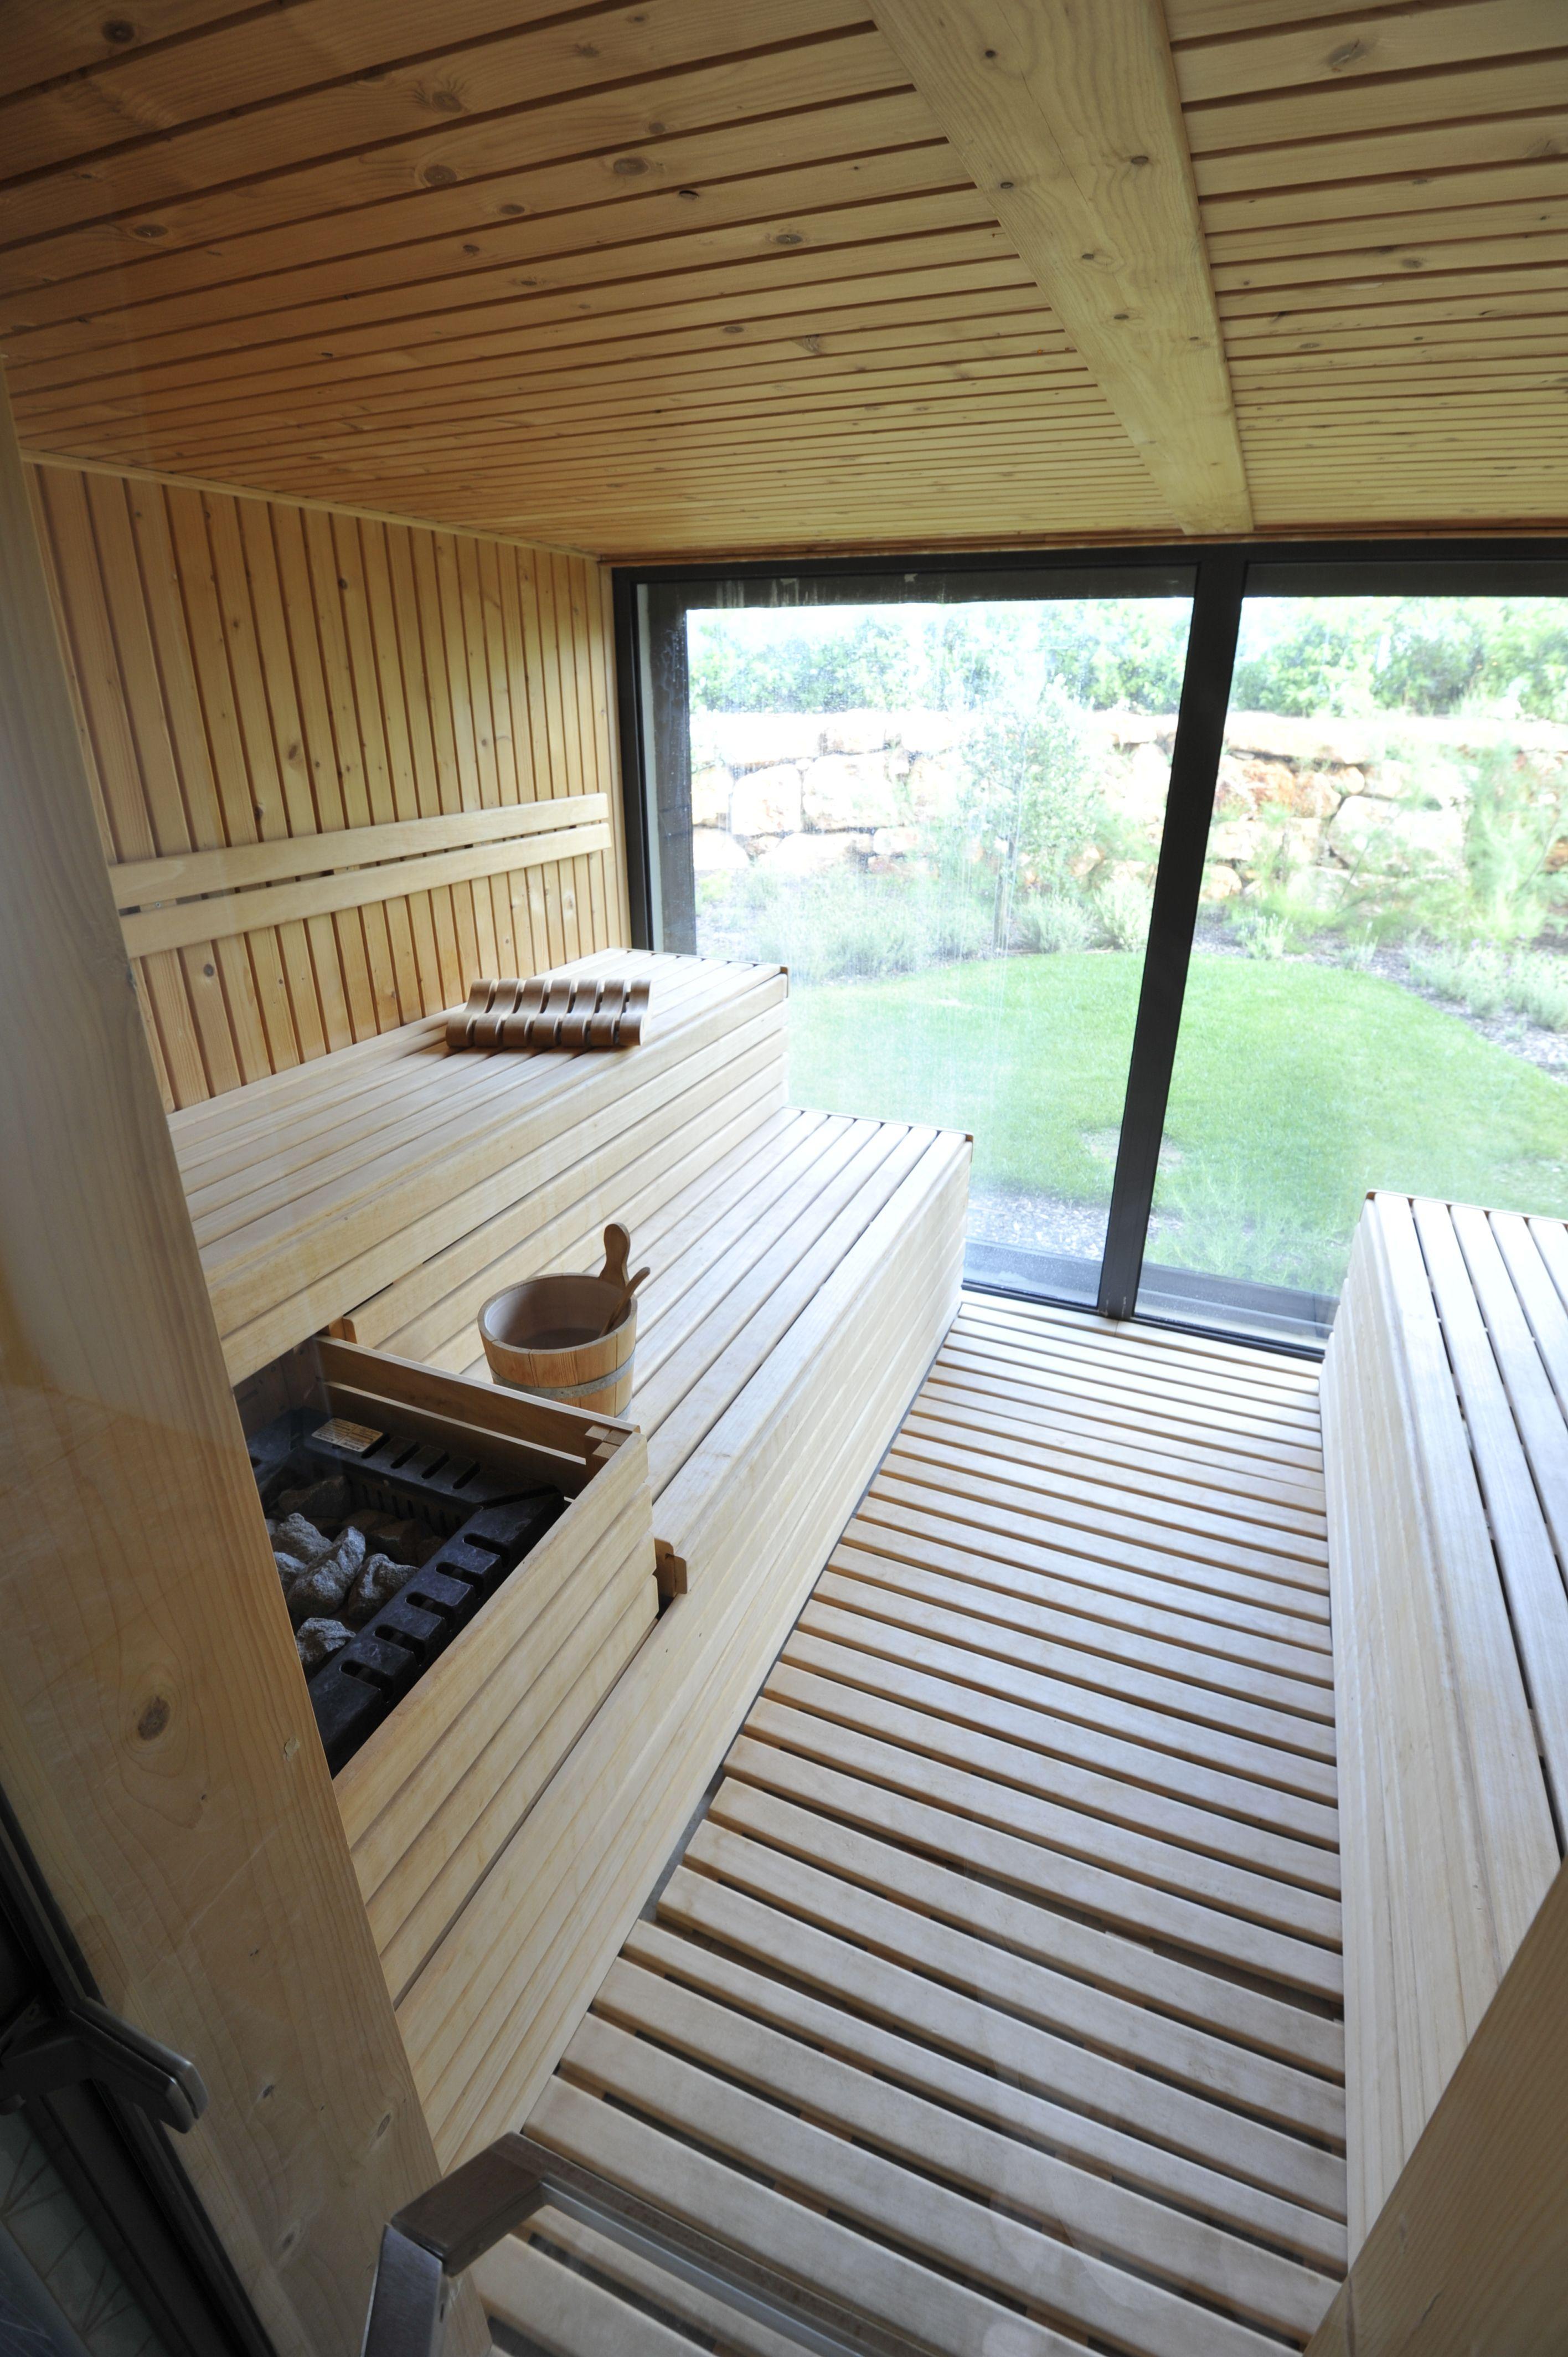 holzfussboden darunter den ablauf schr g saunabau pinterest sauna sauna ideen und badezimmer. Black Bedroom Furniture Sets. Home Design Ideas